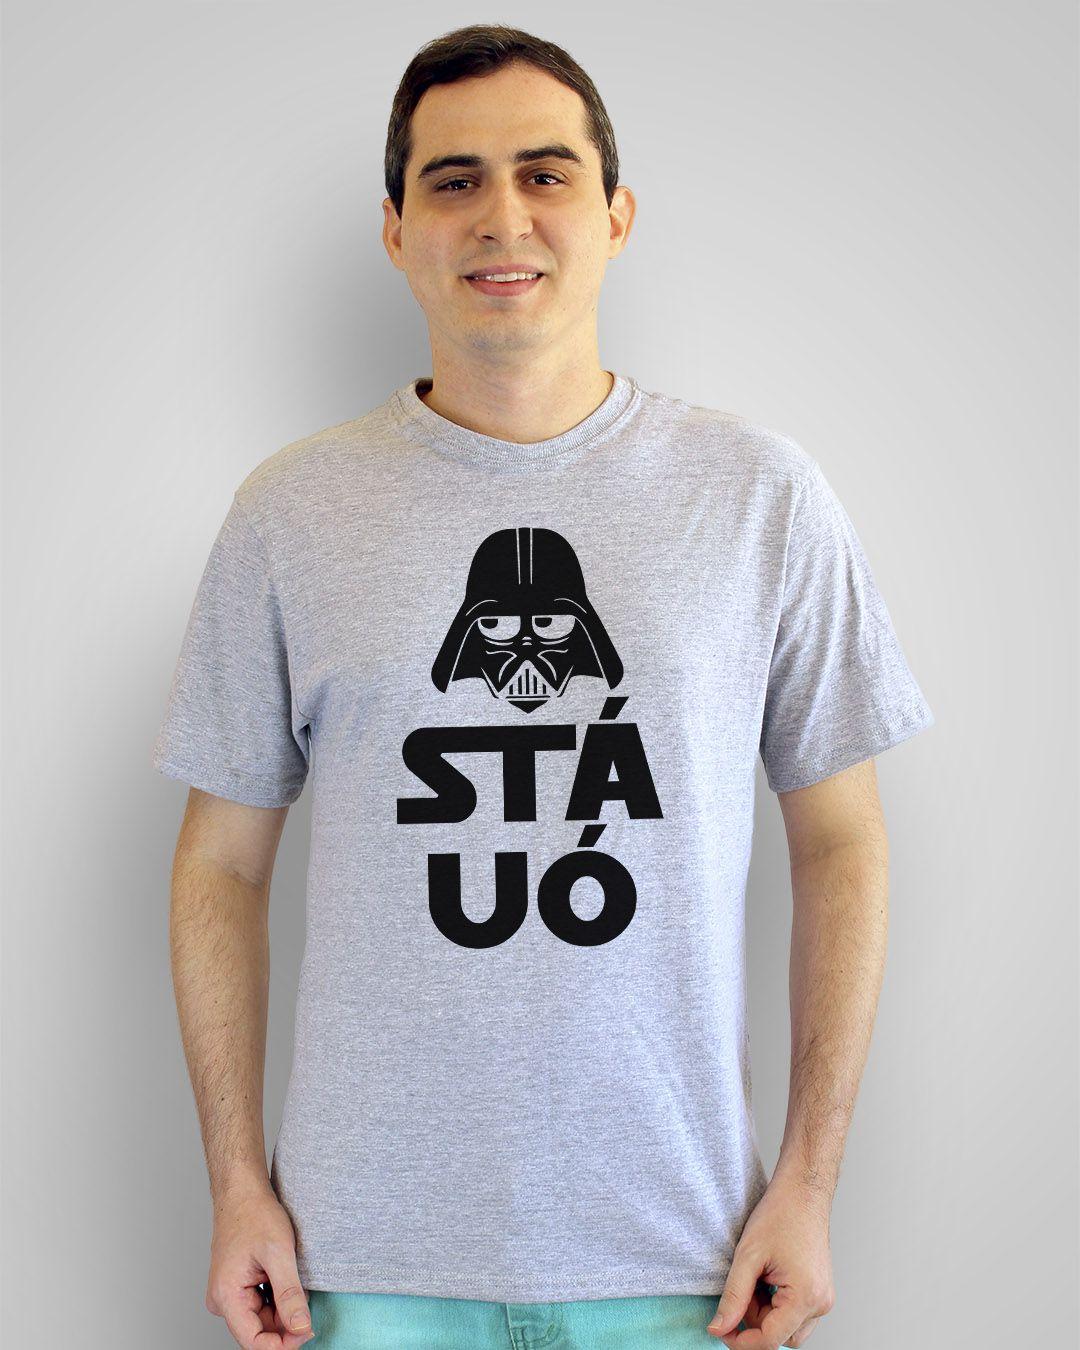 Camiseta Stá Uó